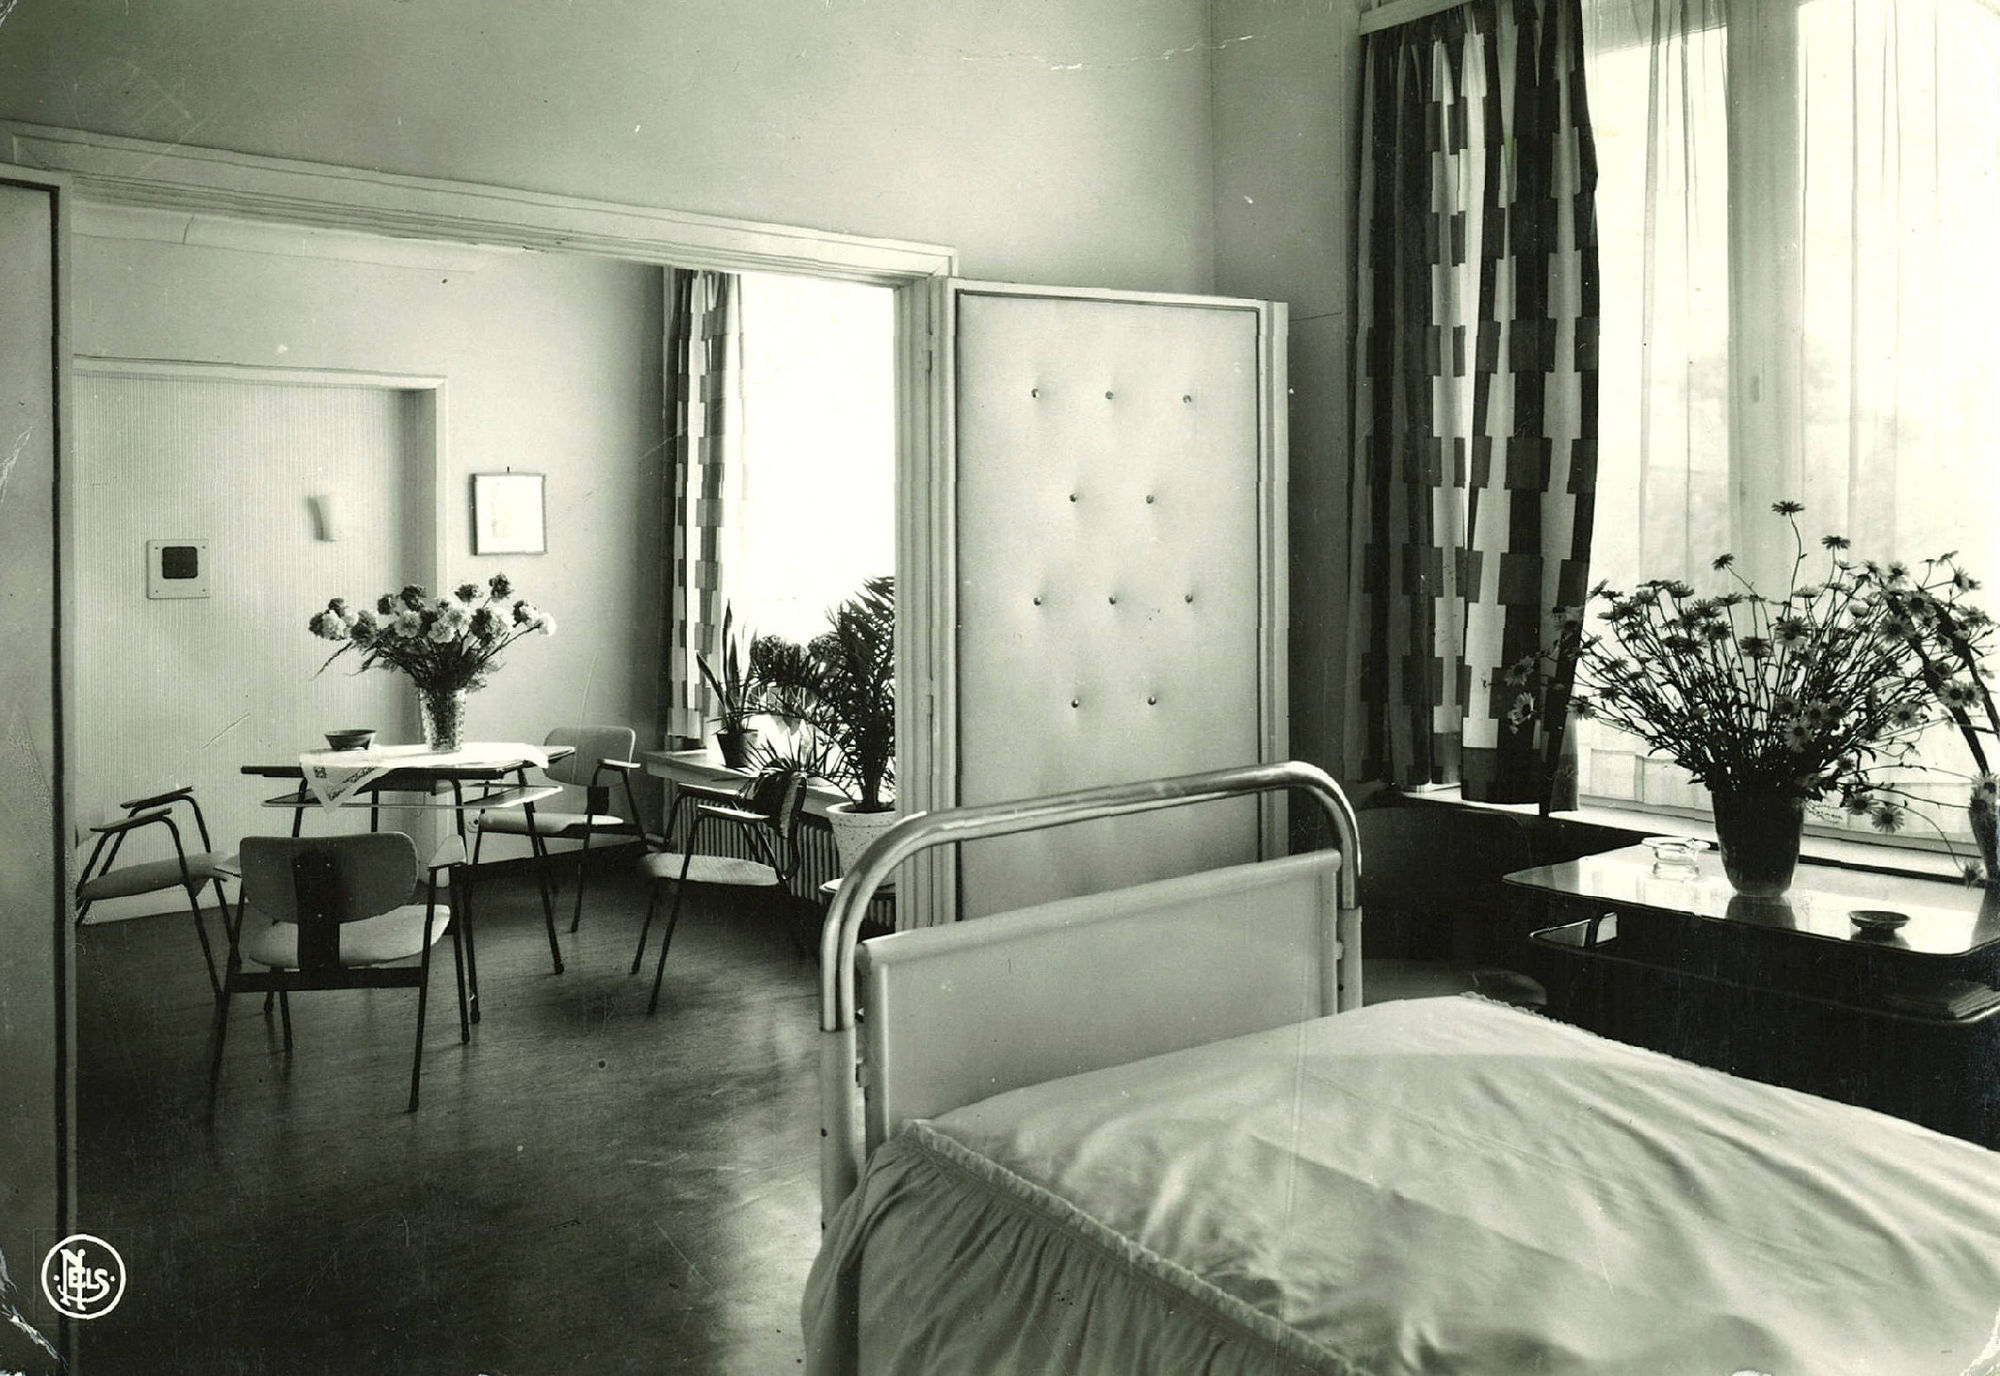 Sint-Niklaasziekenhuis